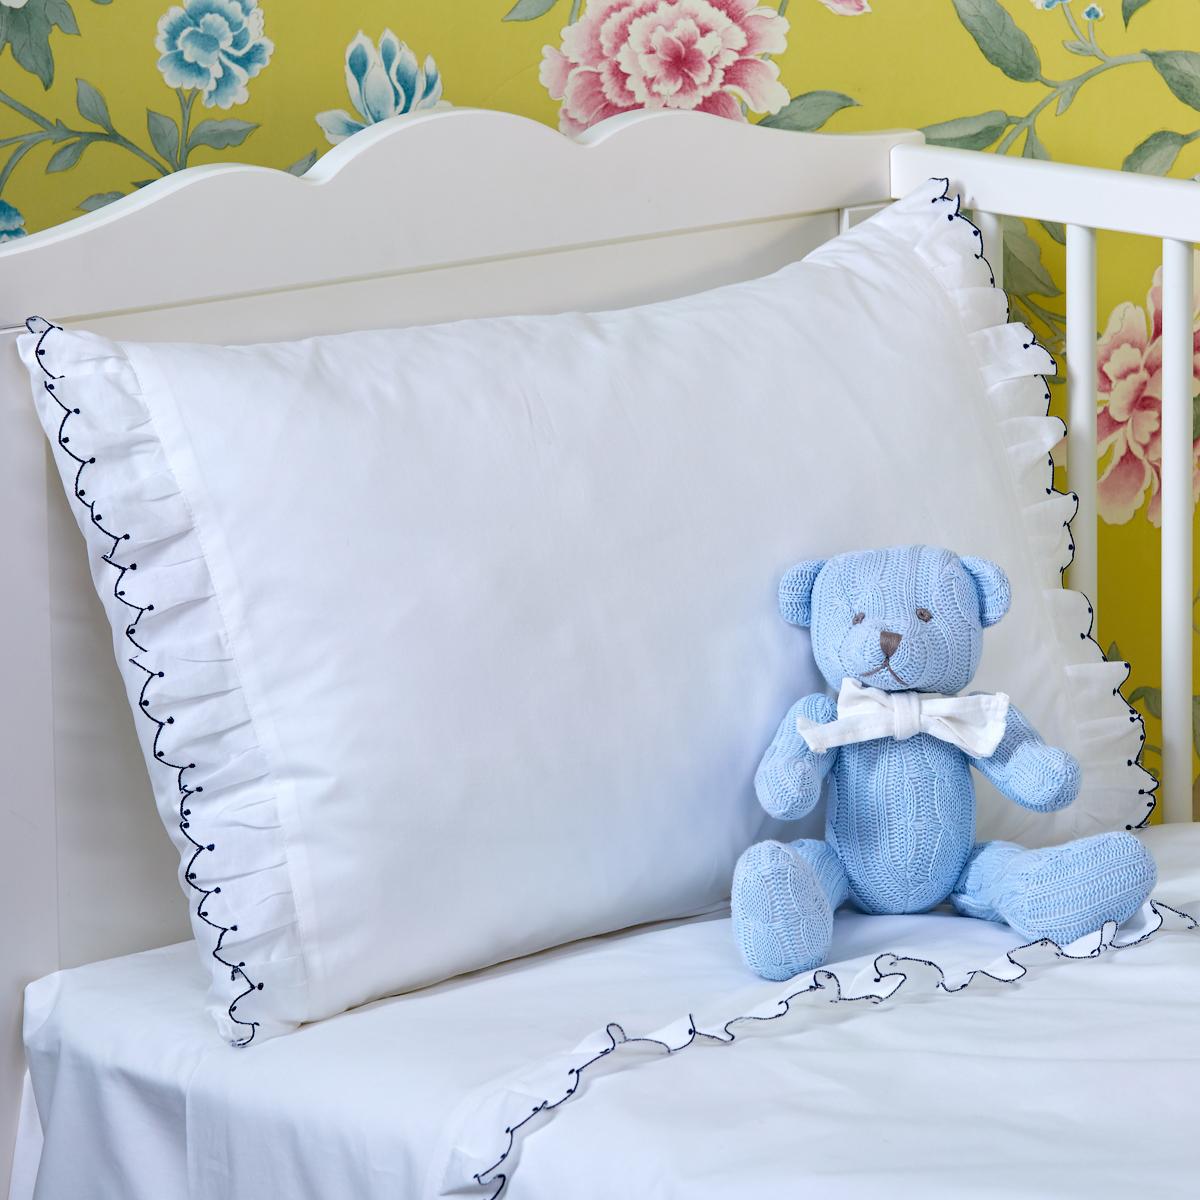 Купить Детский постельный комплект Кружево , inmyroom, Россия